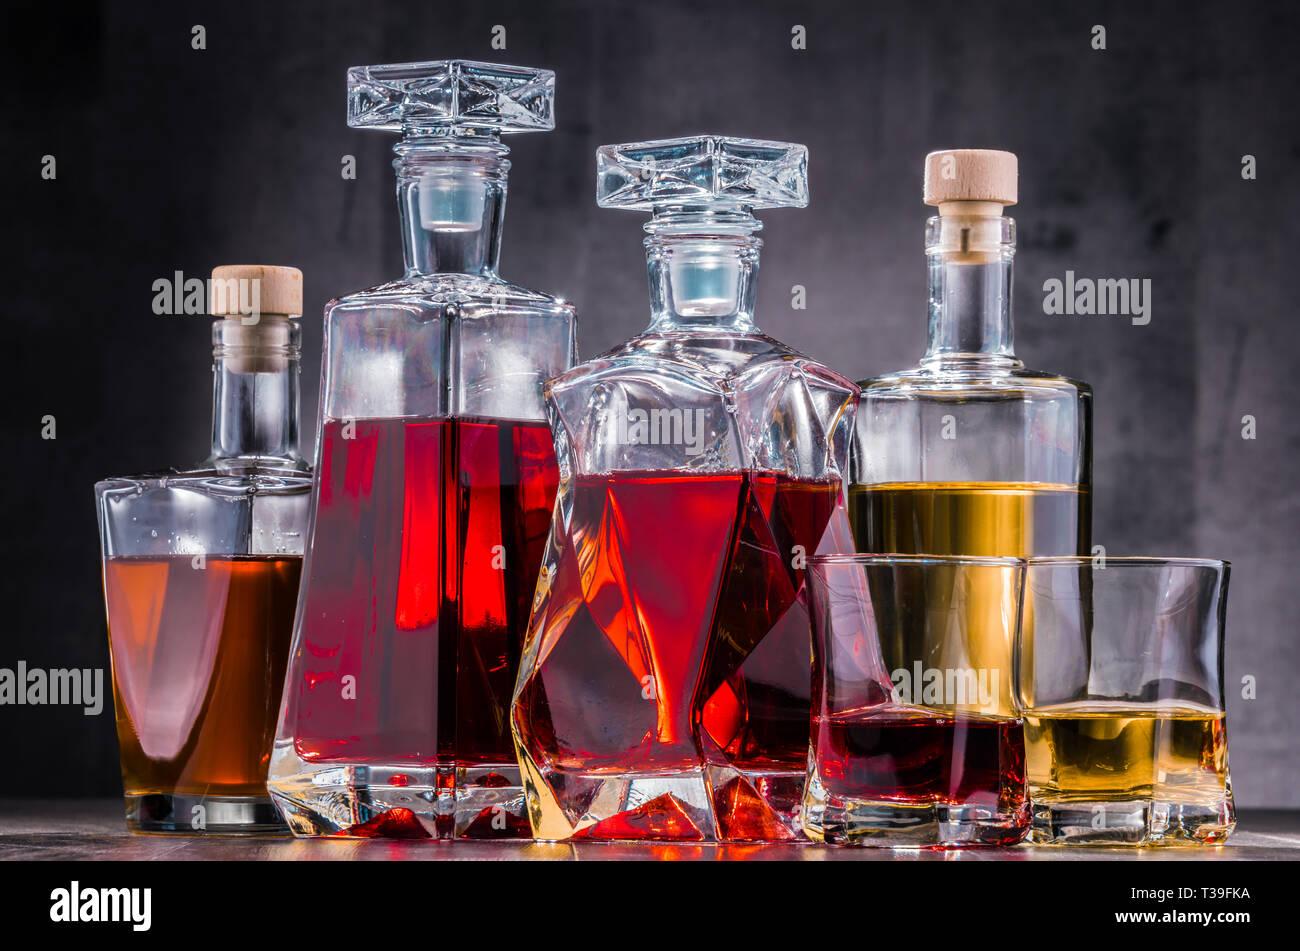 Composición con garrafa y botellas de surtido de bebidas alcohólicas. Foto de stock